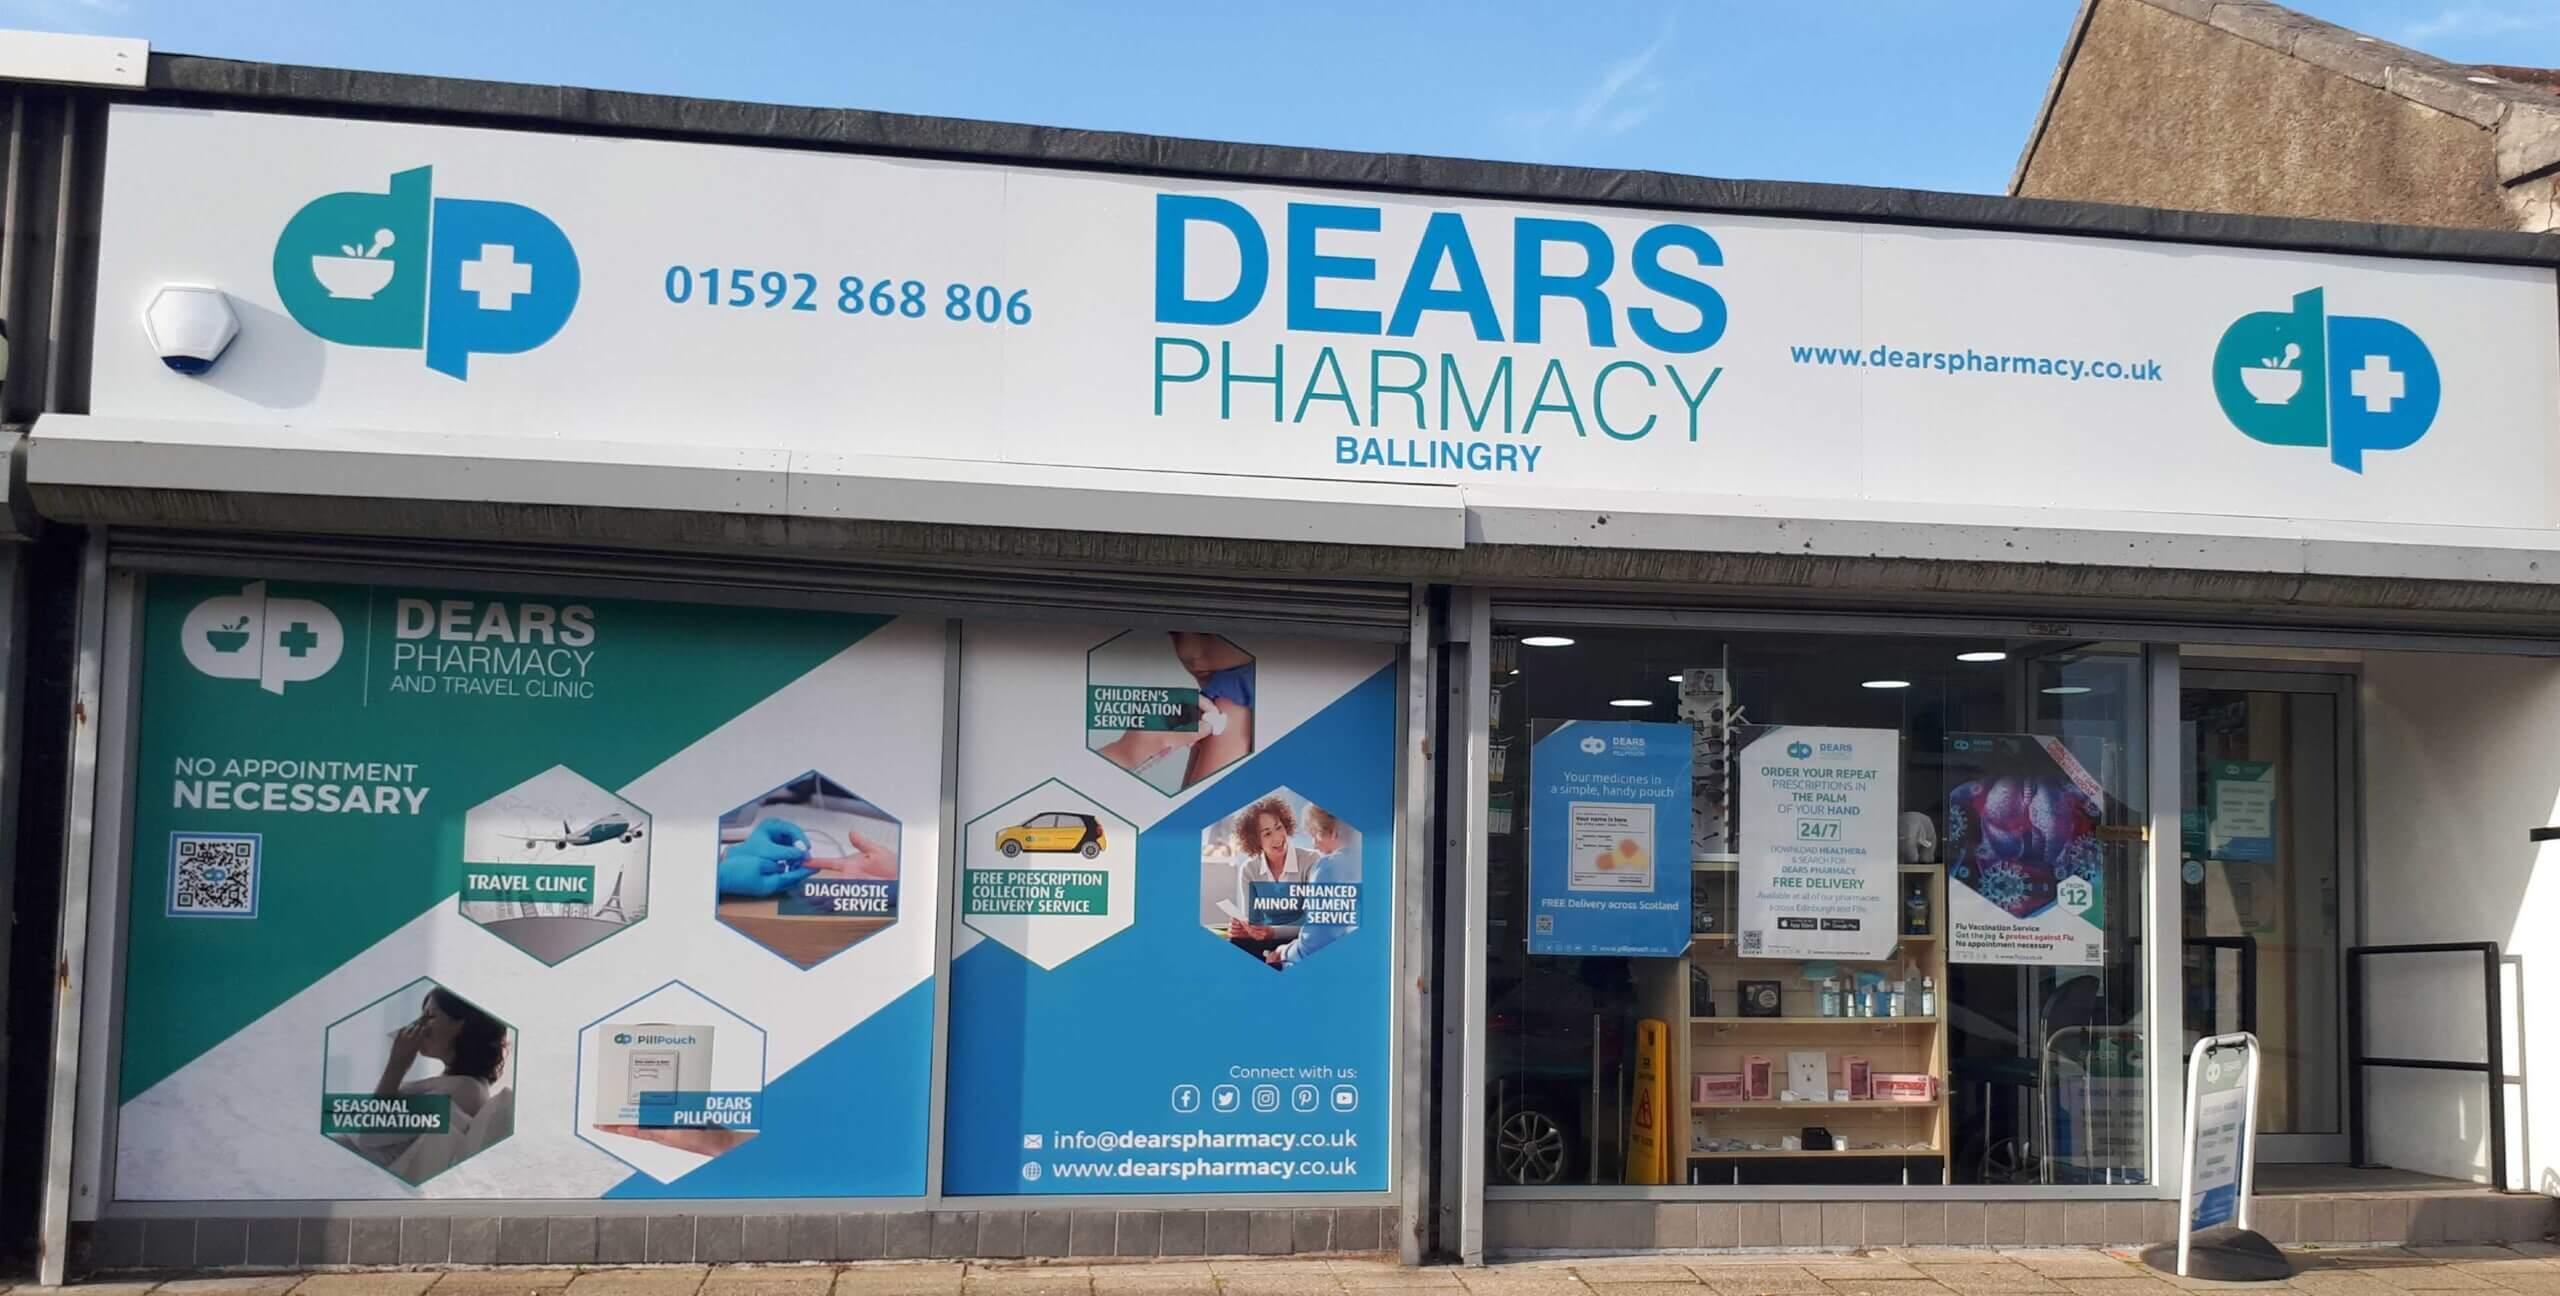 Dears Pharmacy Ballingry